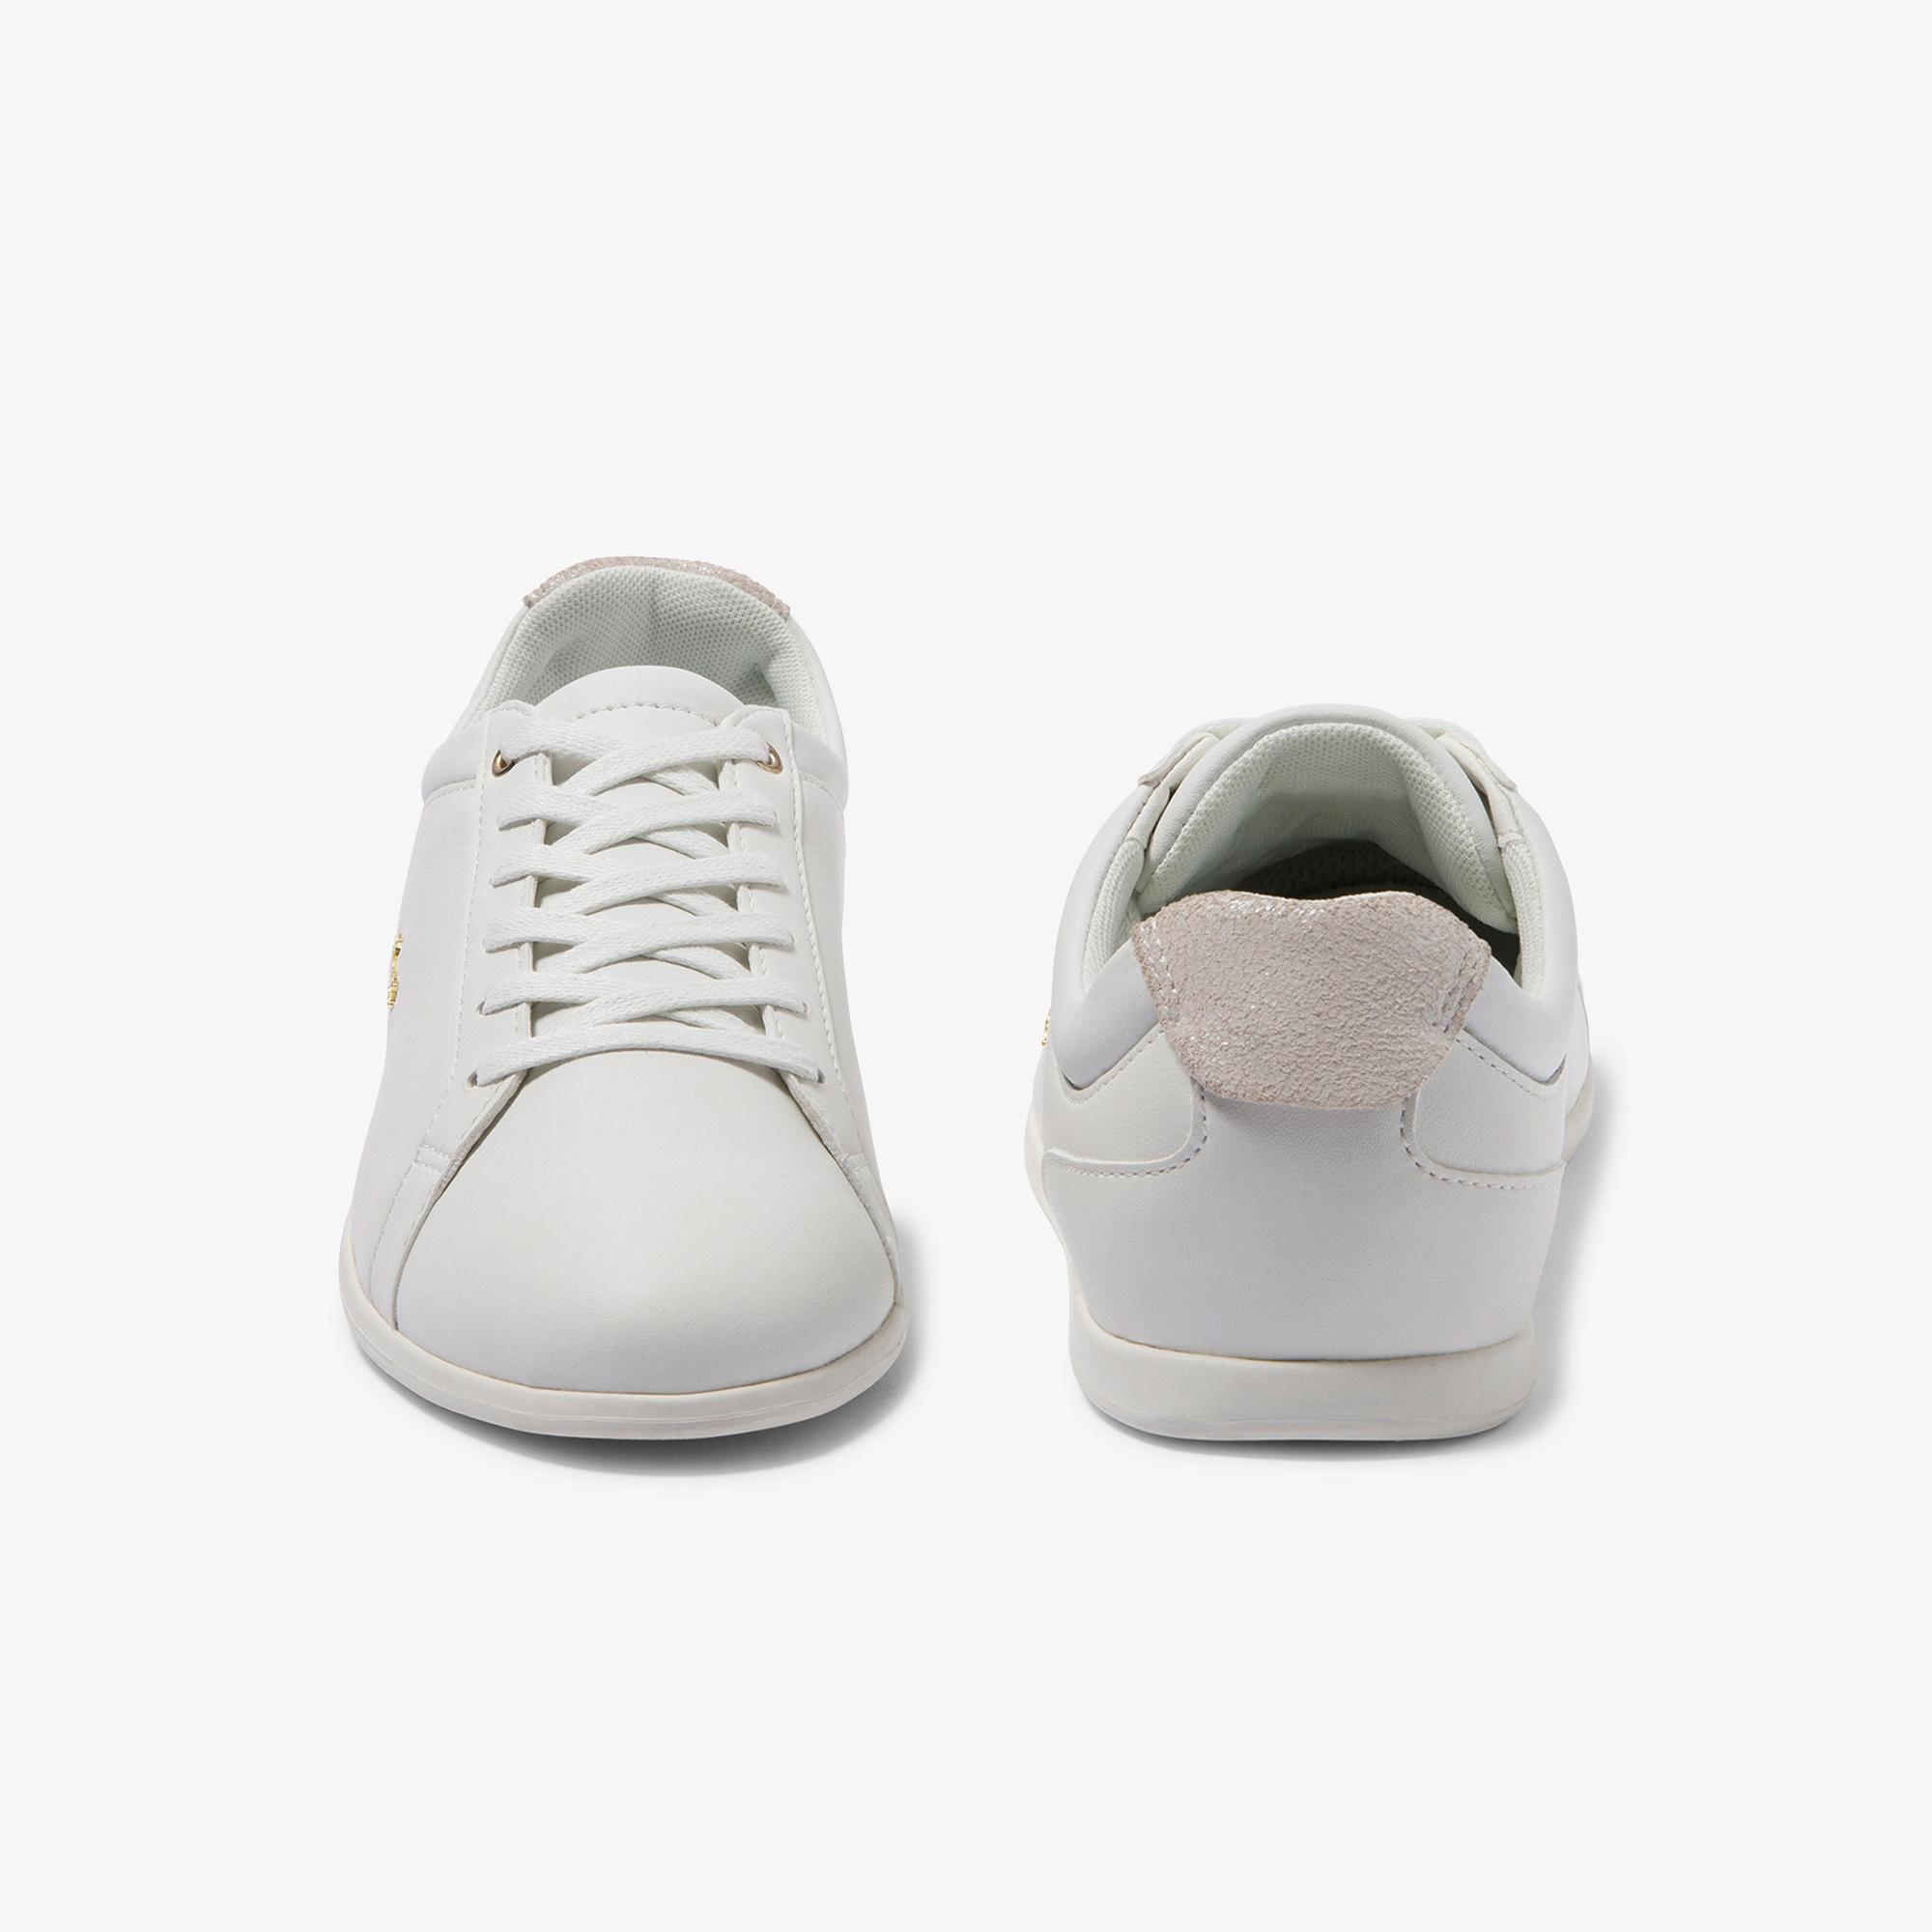 Lacoste Rey Lace 120 1 Women's Sneakers